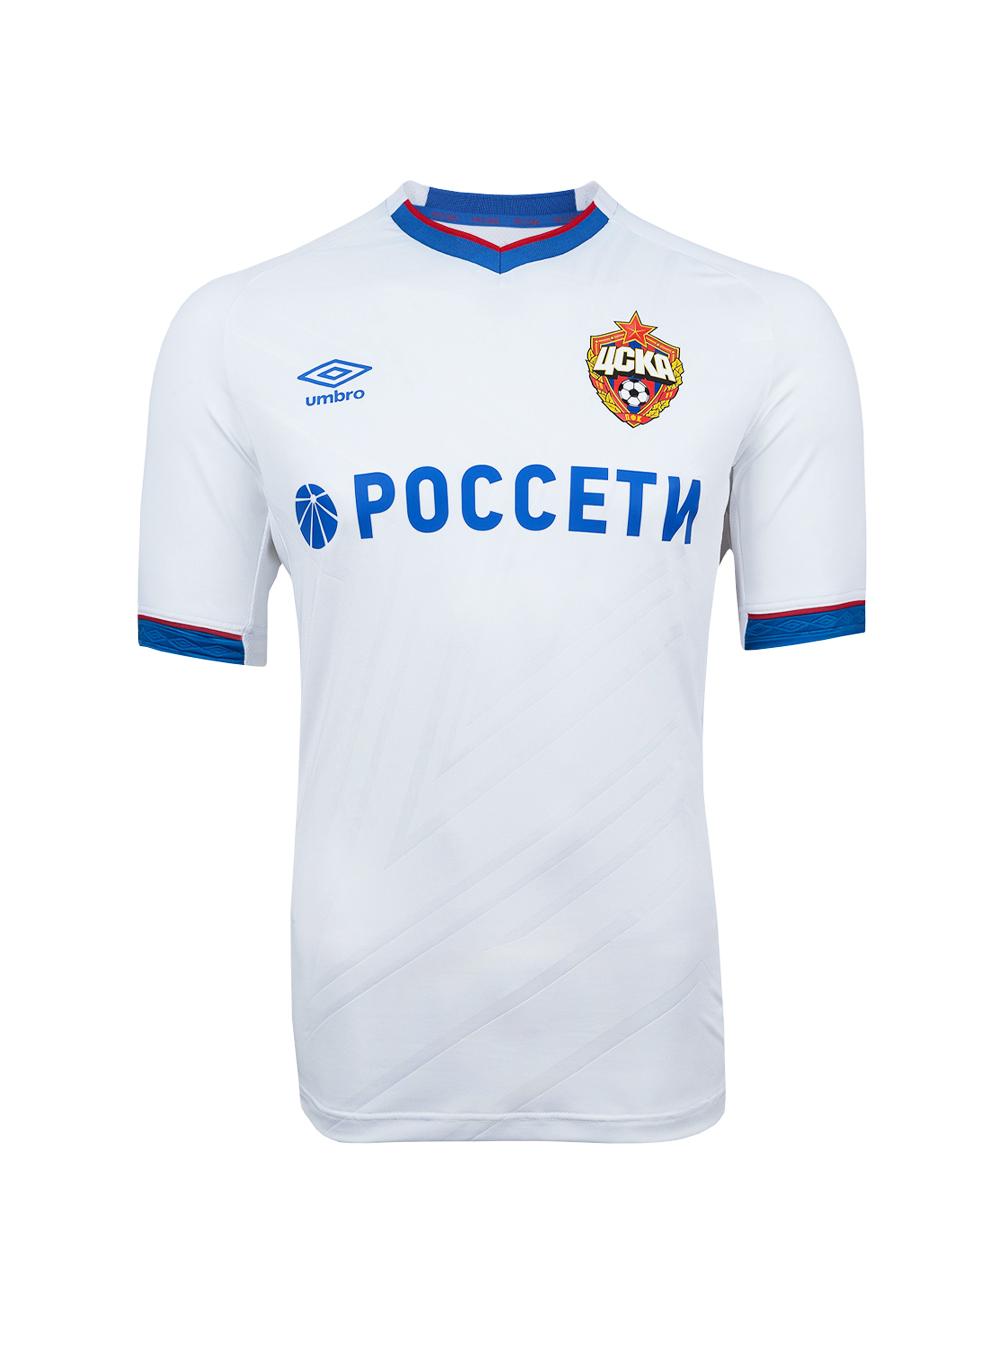 Купить Футболка игровая выездная 2019/2020 (XL) по Нижнему Новгороду